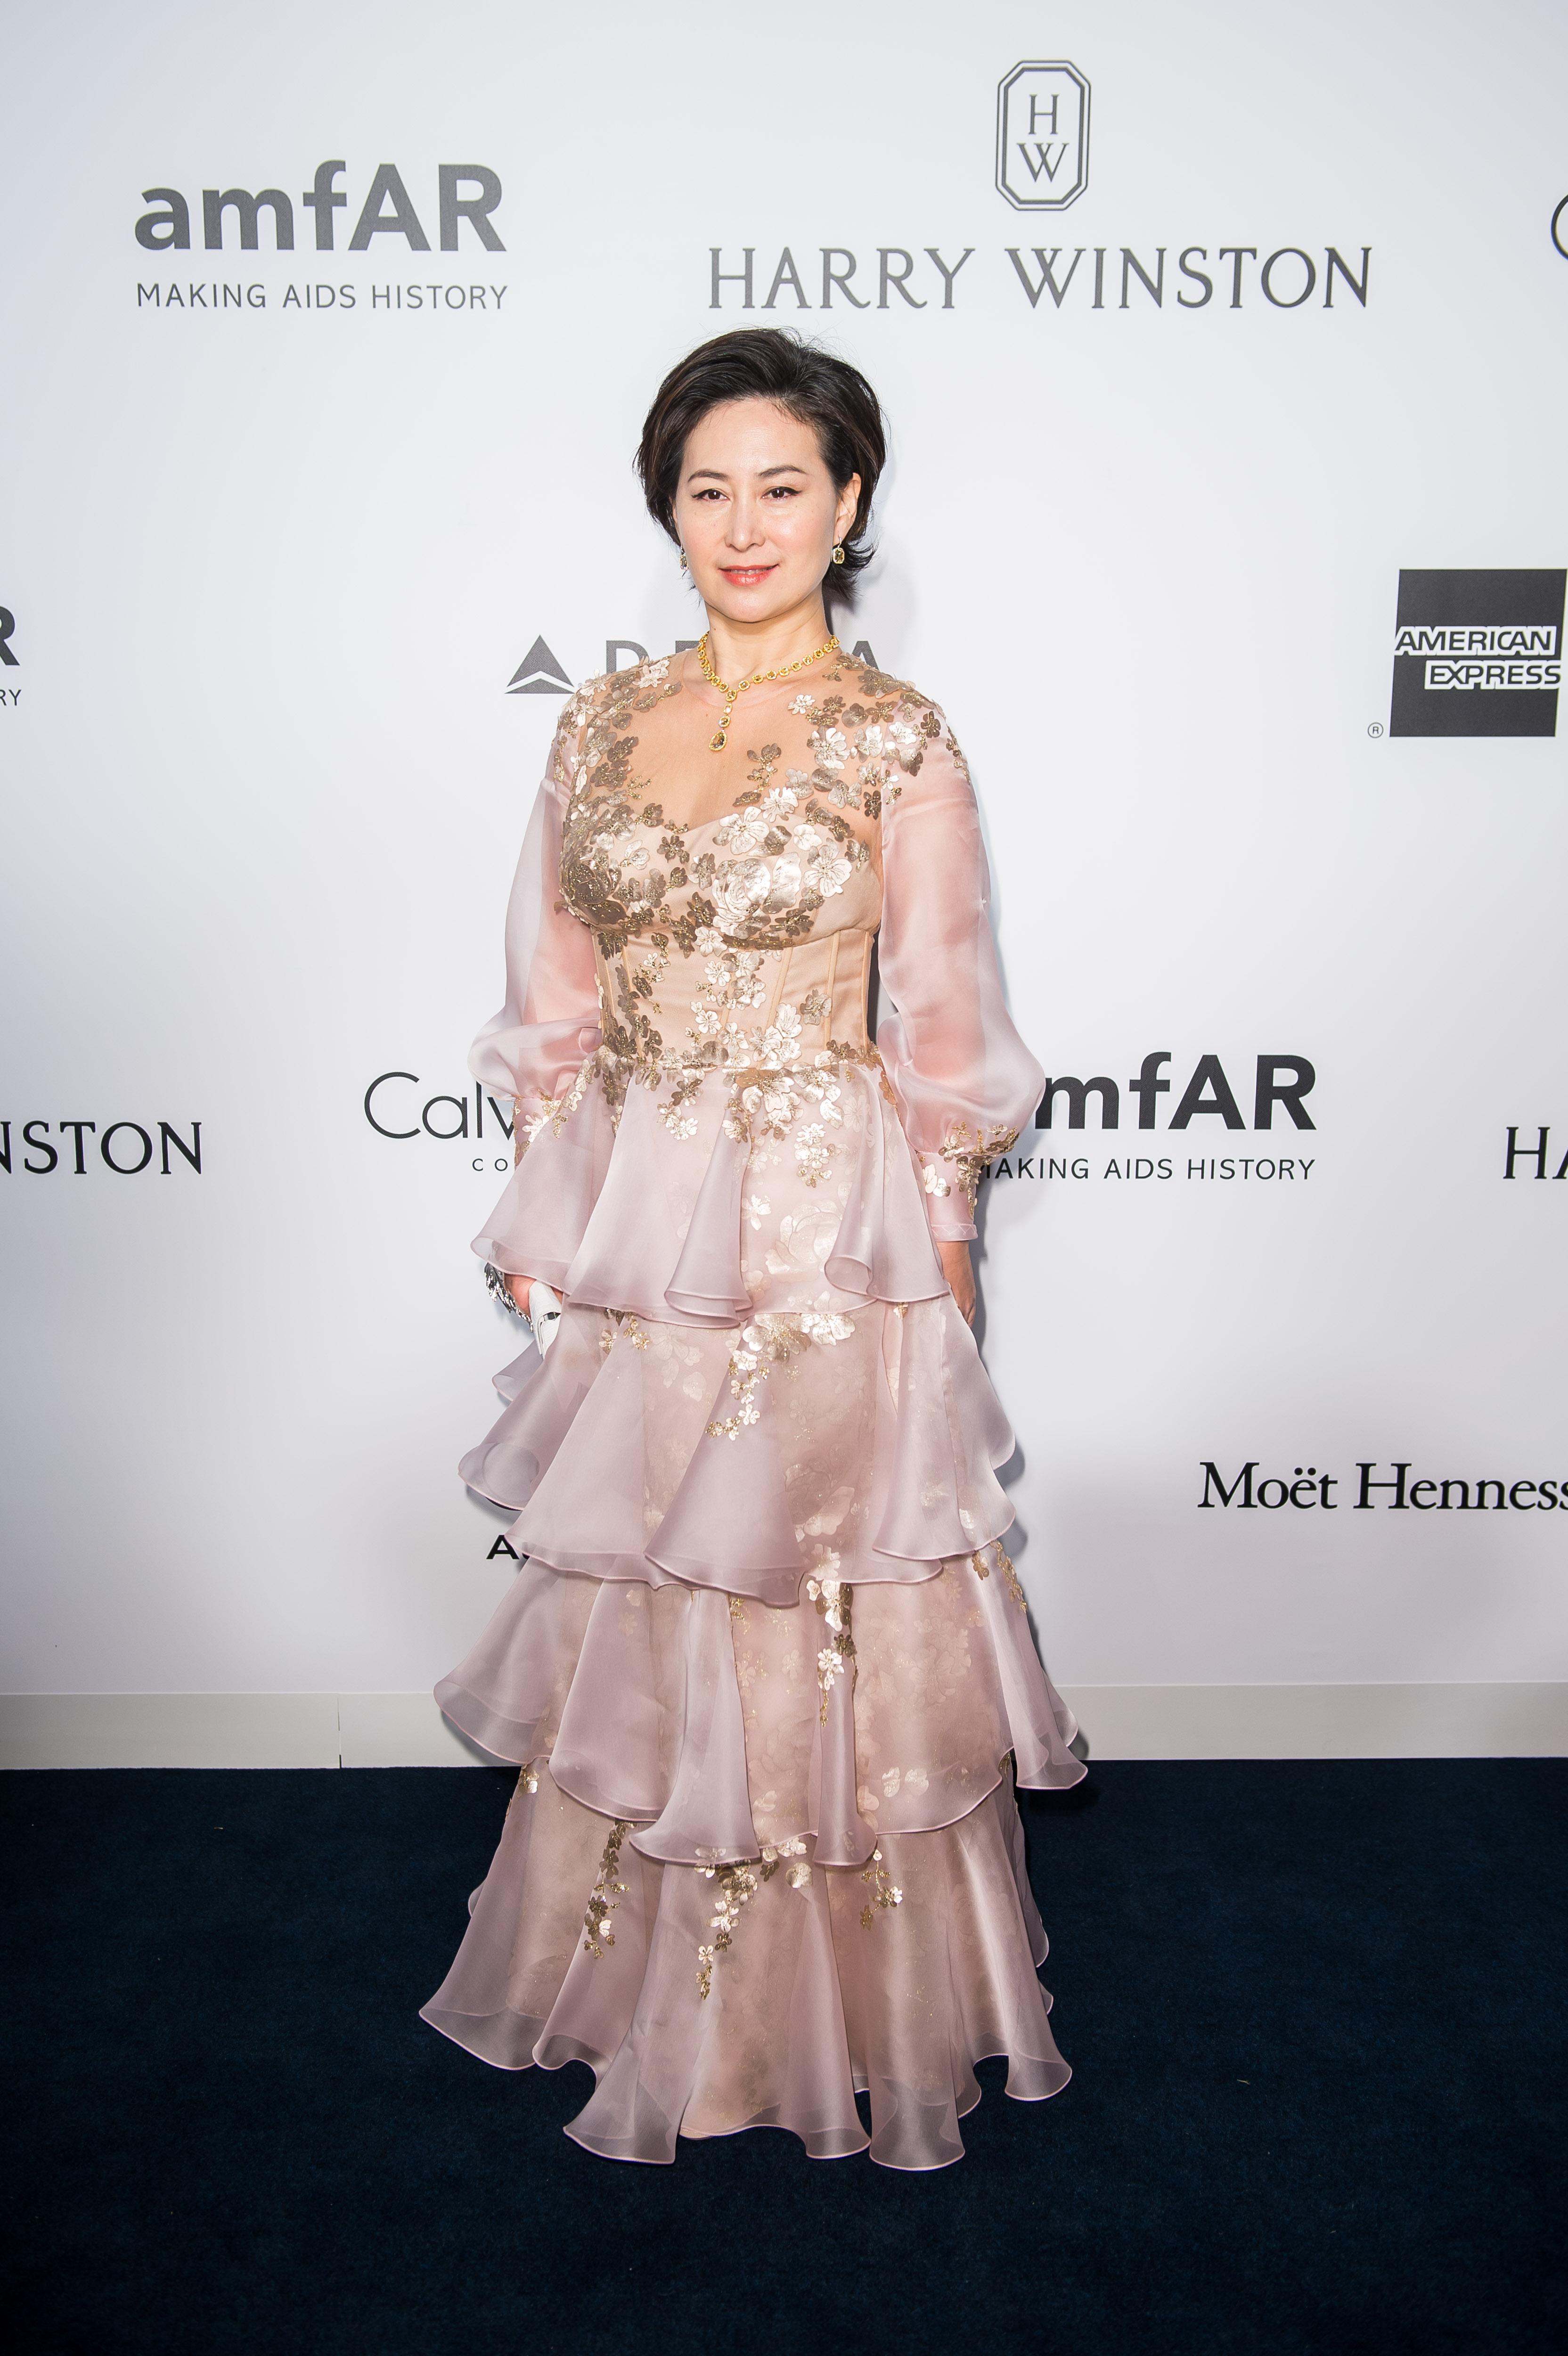 """Панси Хо<br /> Тя е дъщеря на Стенли Хо, милиардерът, известен като """"Кралят на хазарта"""".Панси е най-богатаот 17-те деца на семейство Хо.Панси не участва в управлението на SJM, но благодарение на нея Shun Tak се превърна от малка фериботна компания в концерн за 1.5 млрд. долара. Тя сключва партньорство с американския гигант MGM Mirage и отваря MGM Grand. Състоянието й е оценено на 3 млрд. долара."""